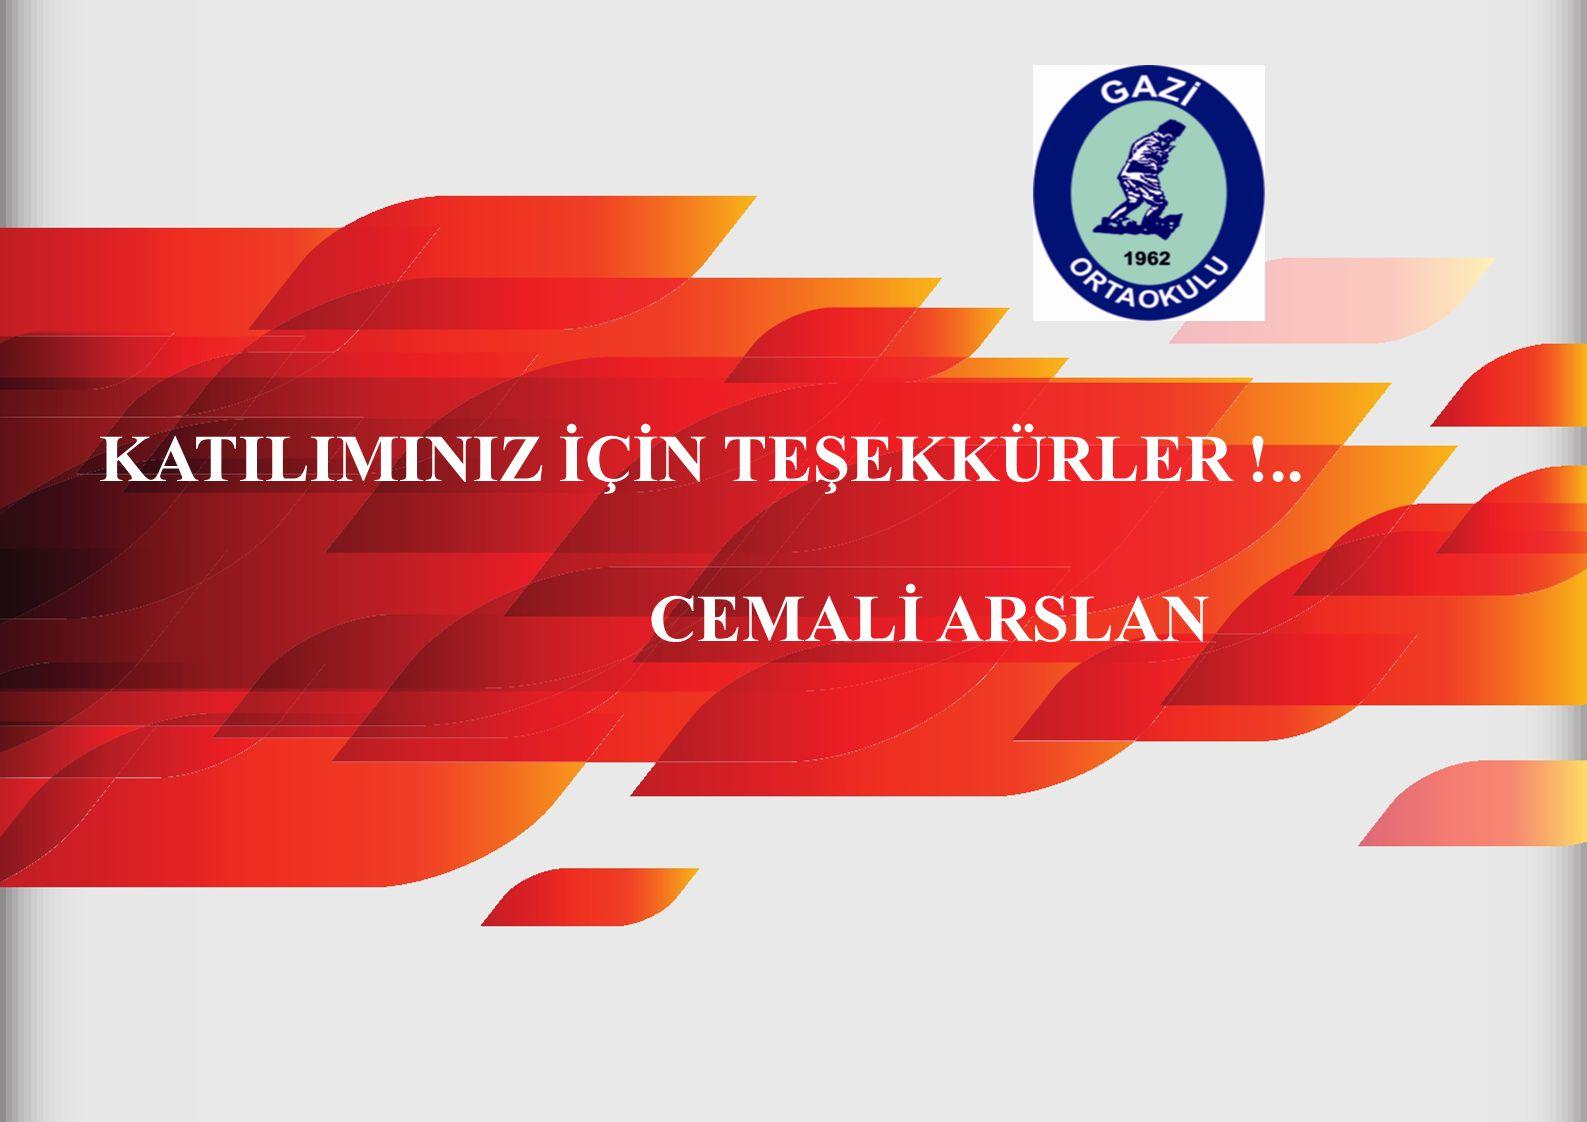 KATILIMINIZ İÇİN TEŞEKKÜRLER !.. CEMALİ ARSLAN